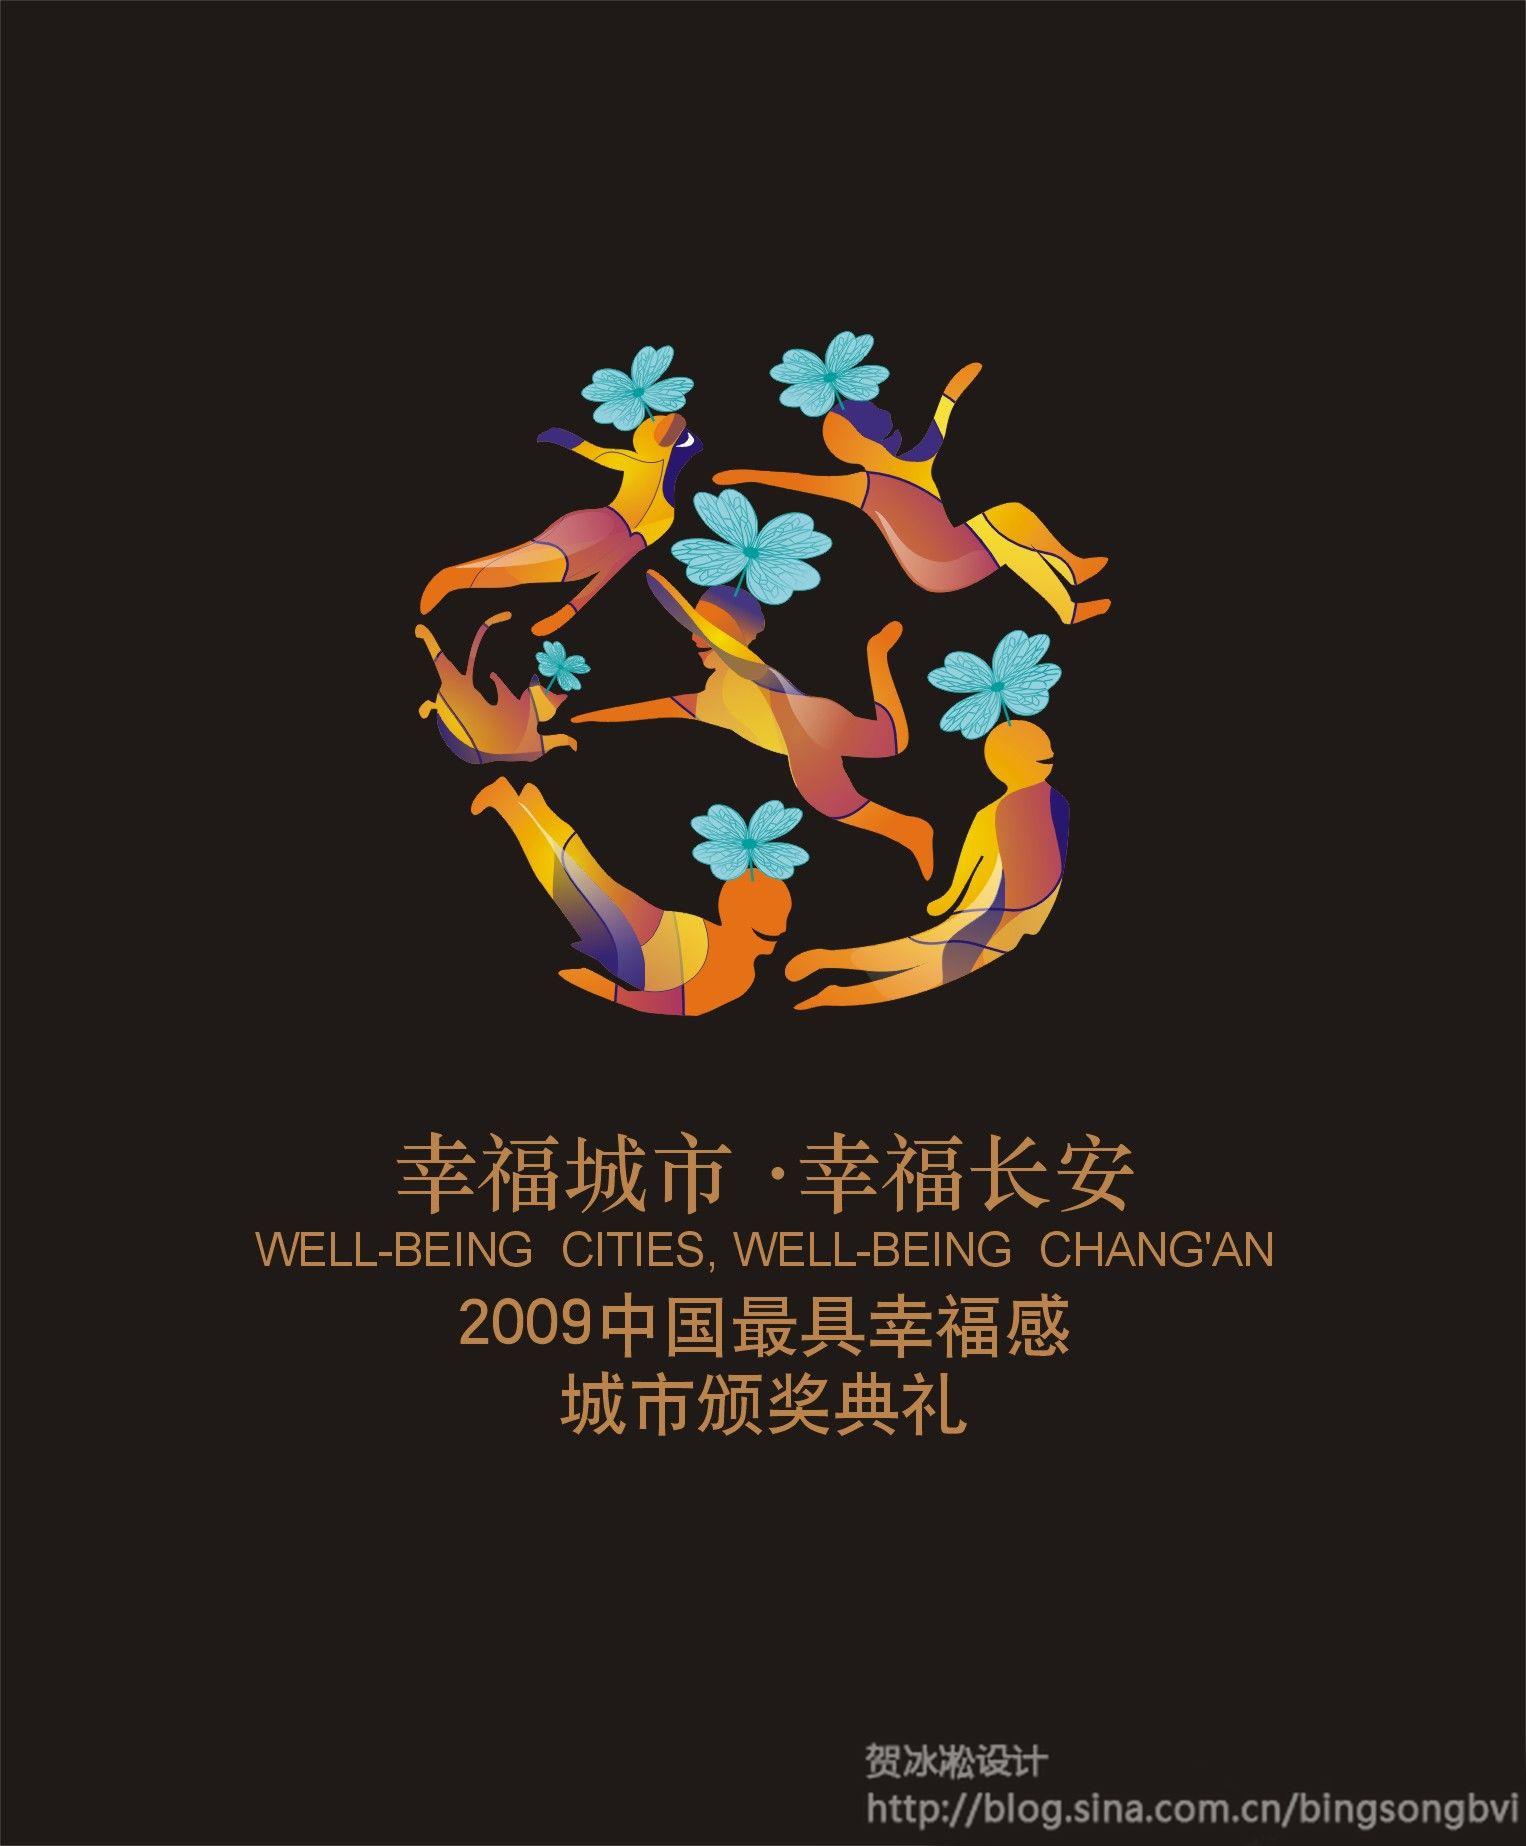 幸福城市幸福长安——2009年幸福城市logo设计图片